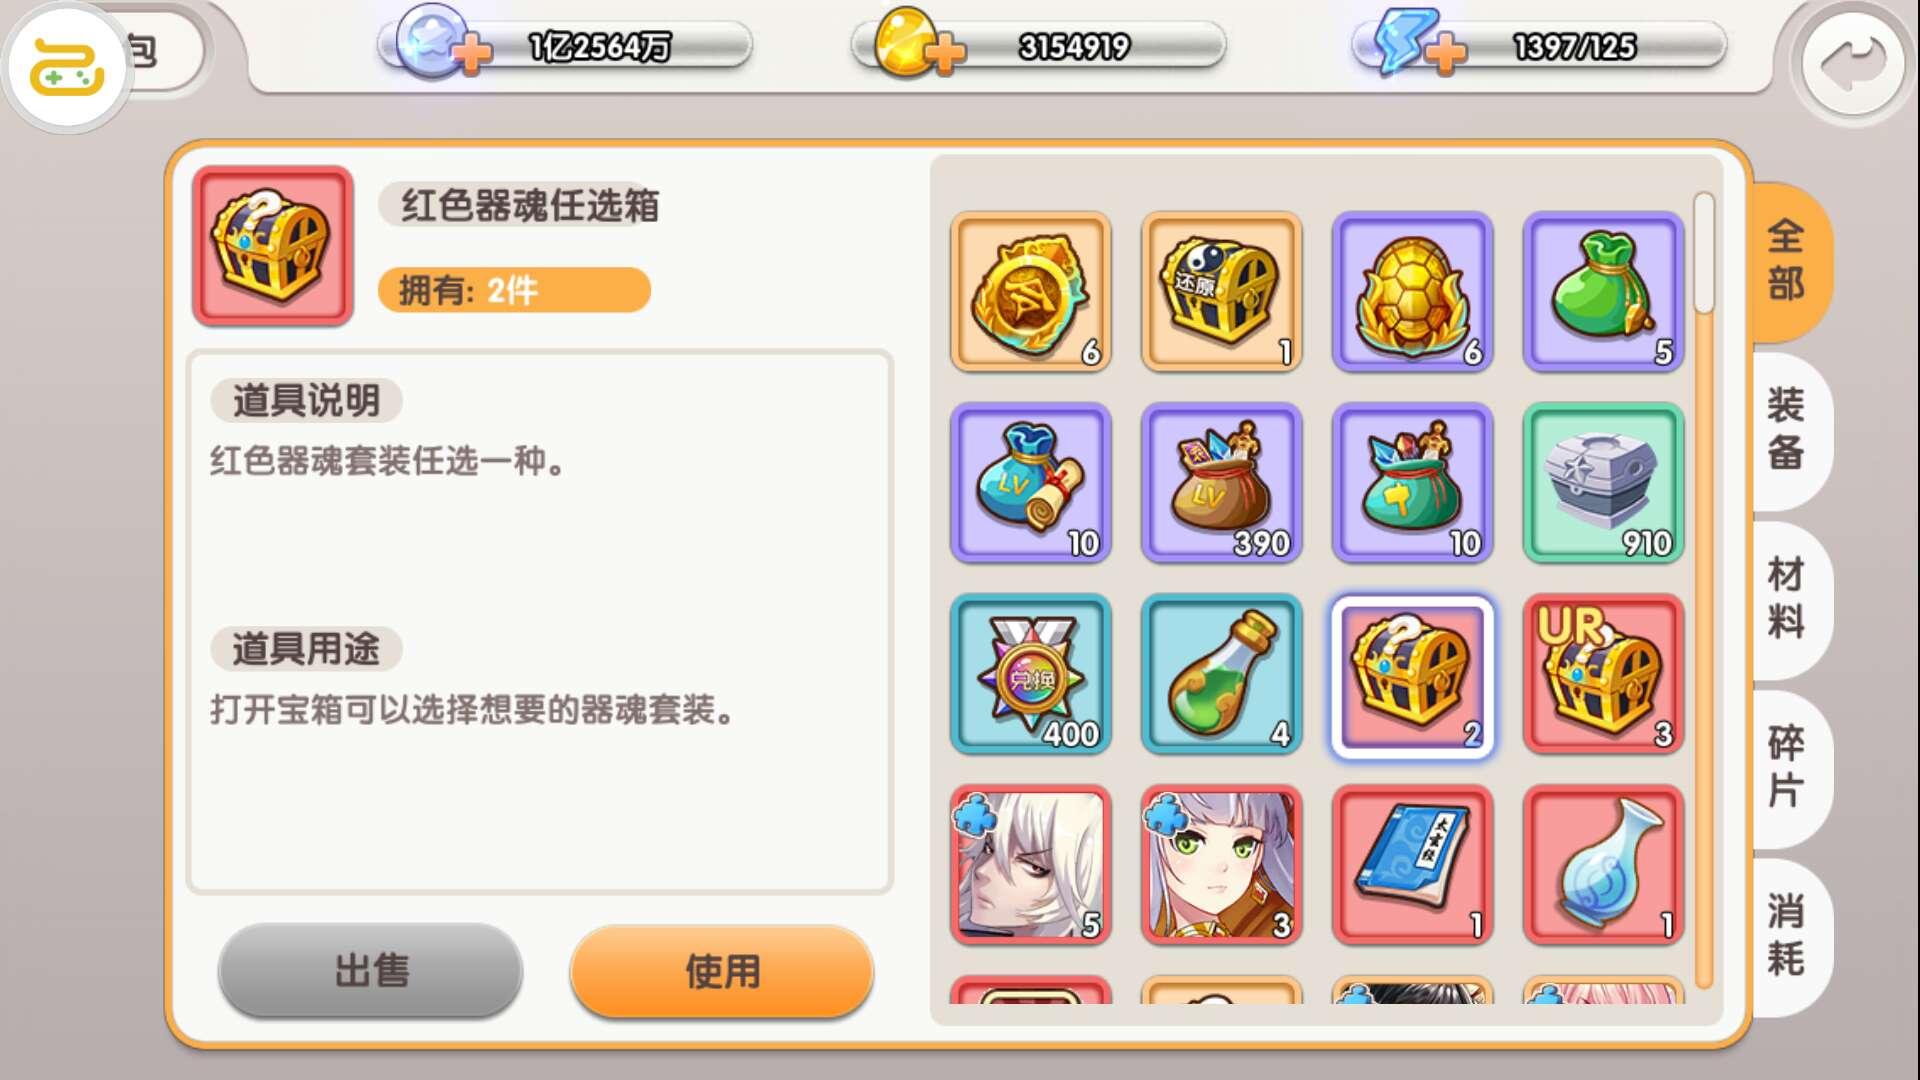 萌战无双v1.1.8/内置GM/无限银币/无限体力 第2张